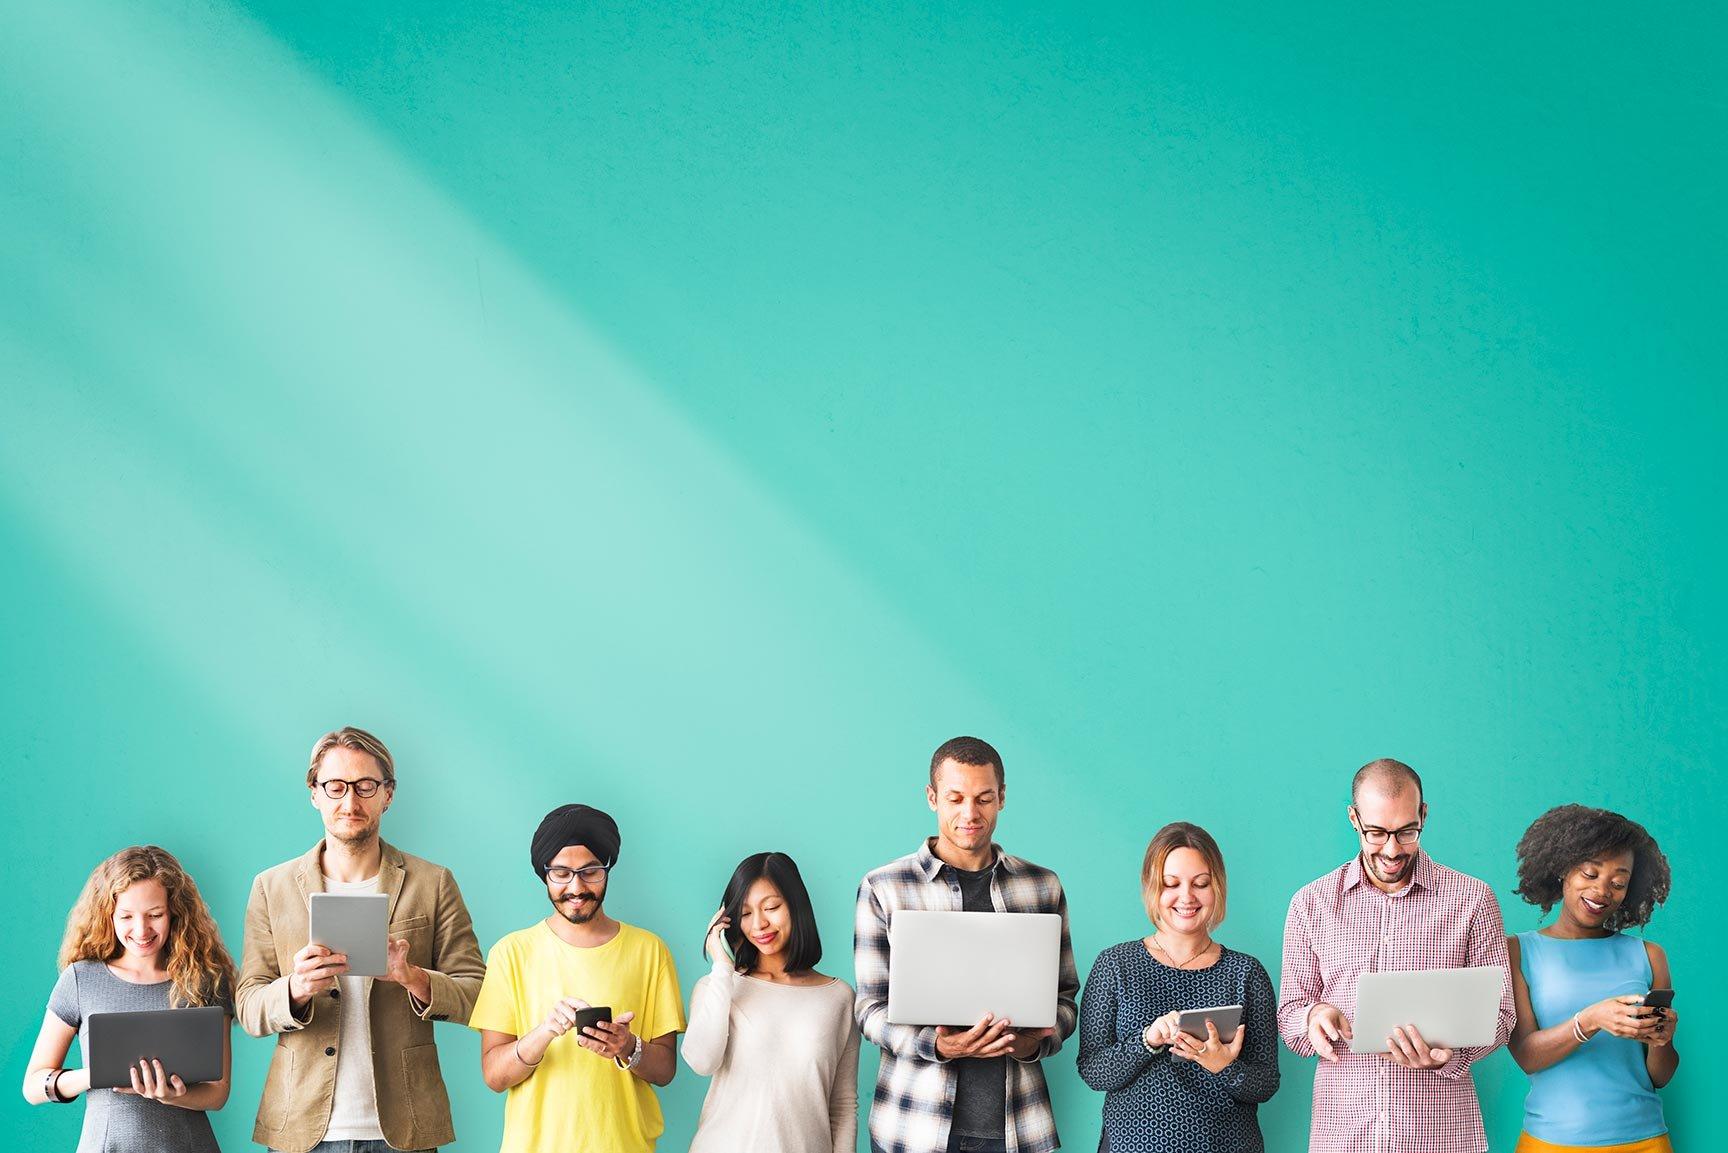 El marketing revolucionó la forma de conectarse con los clientes